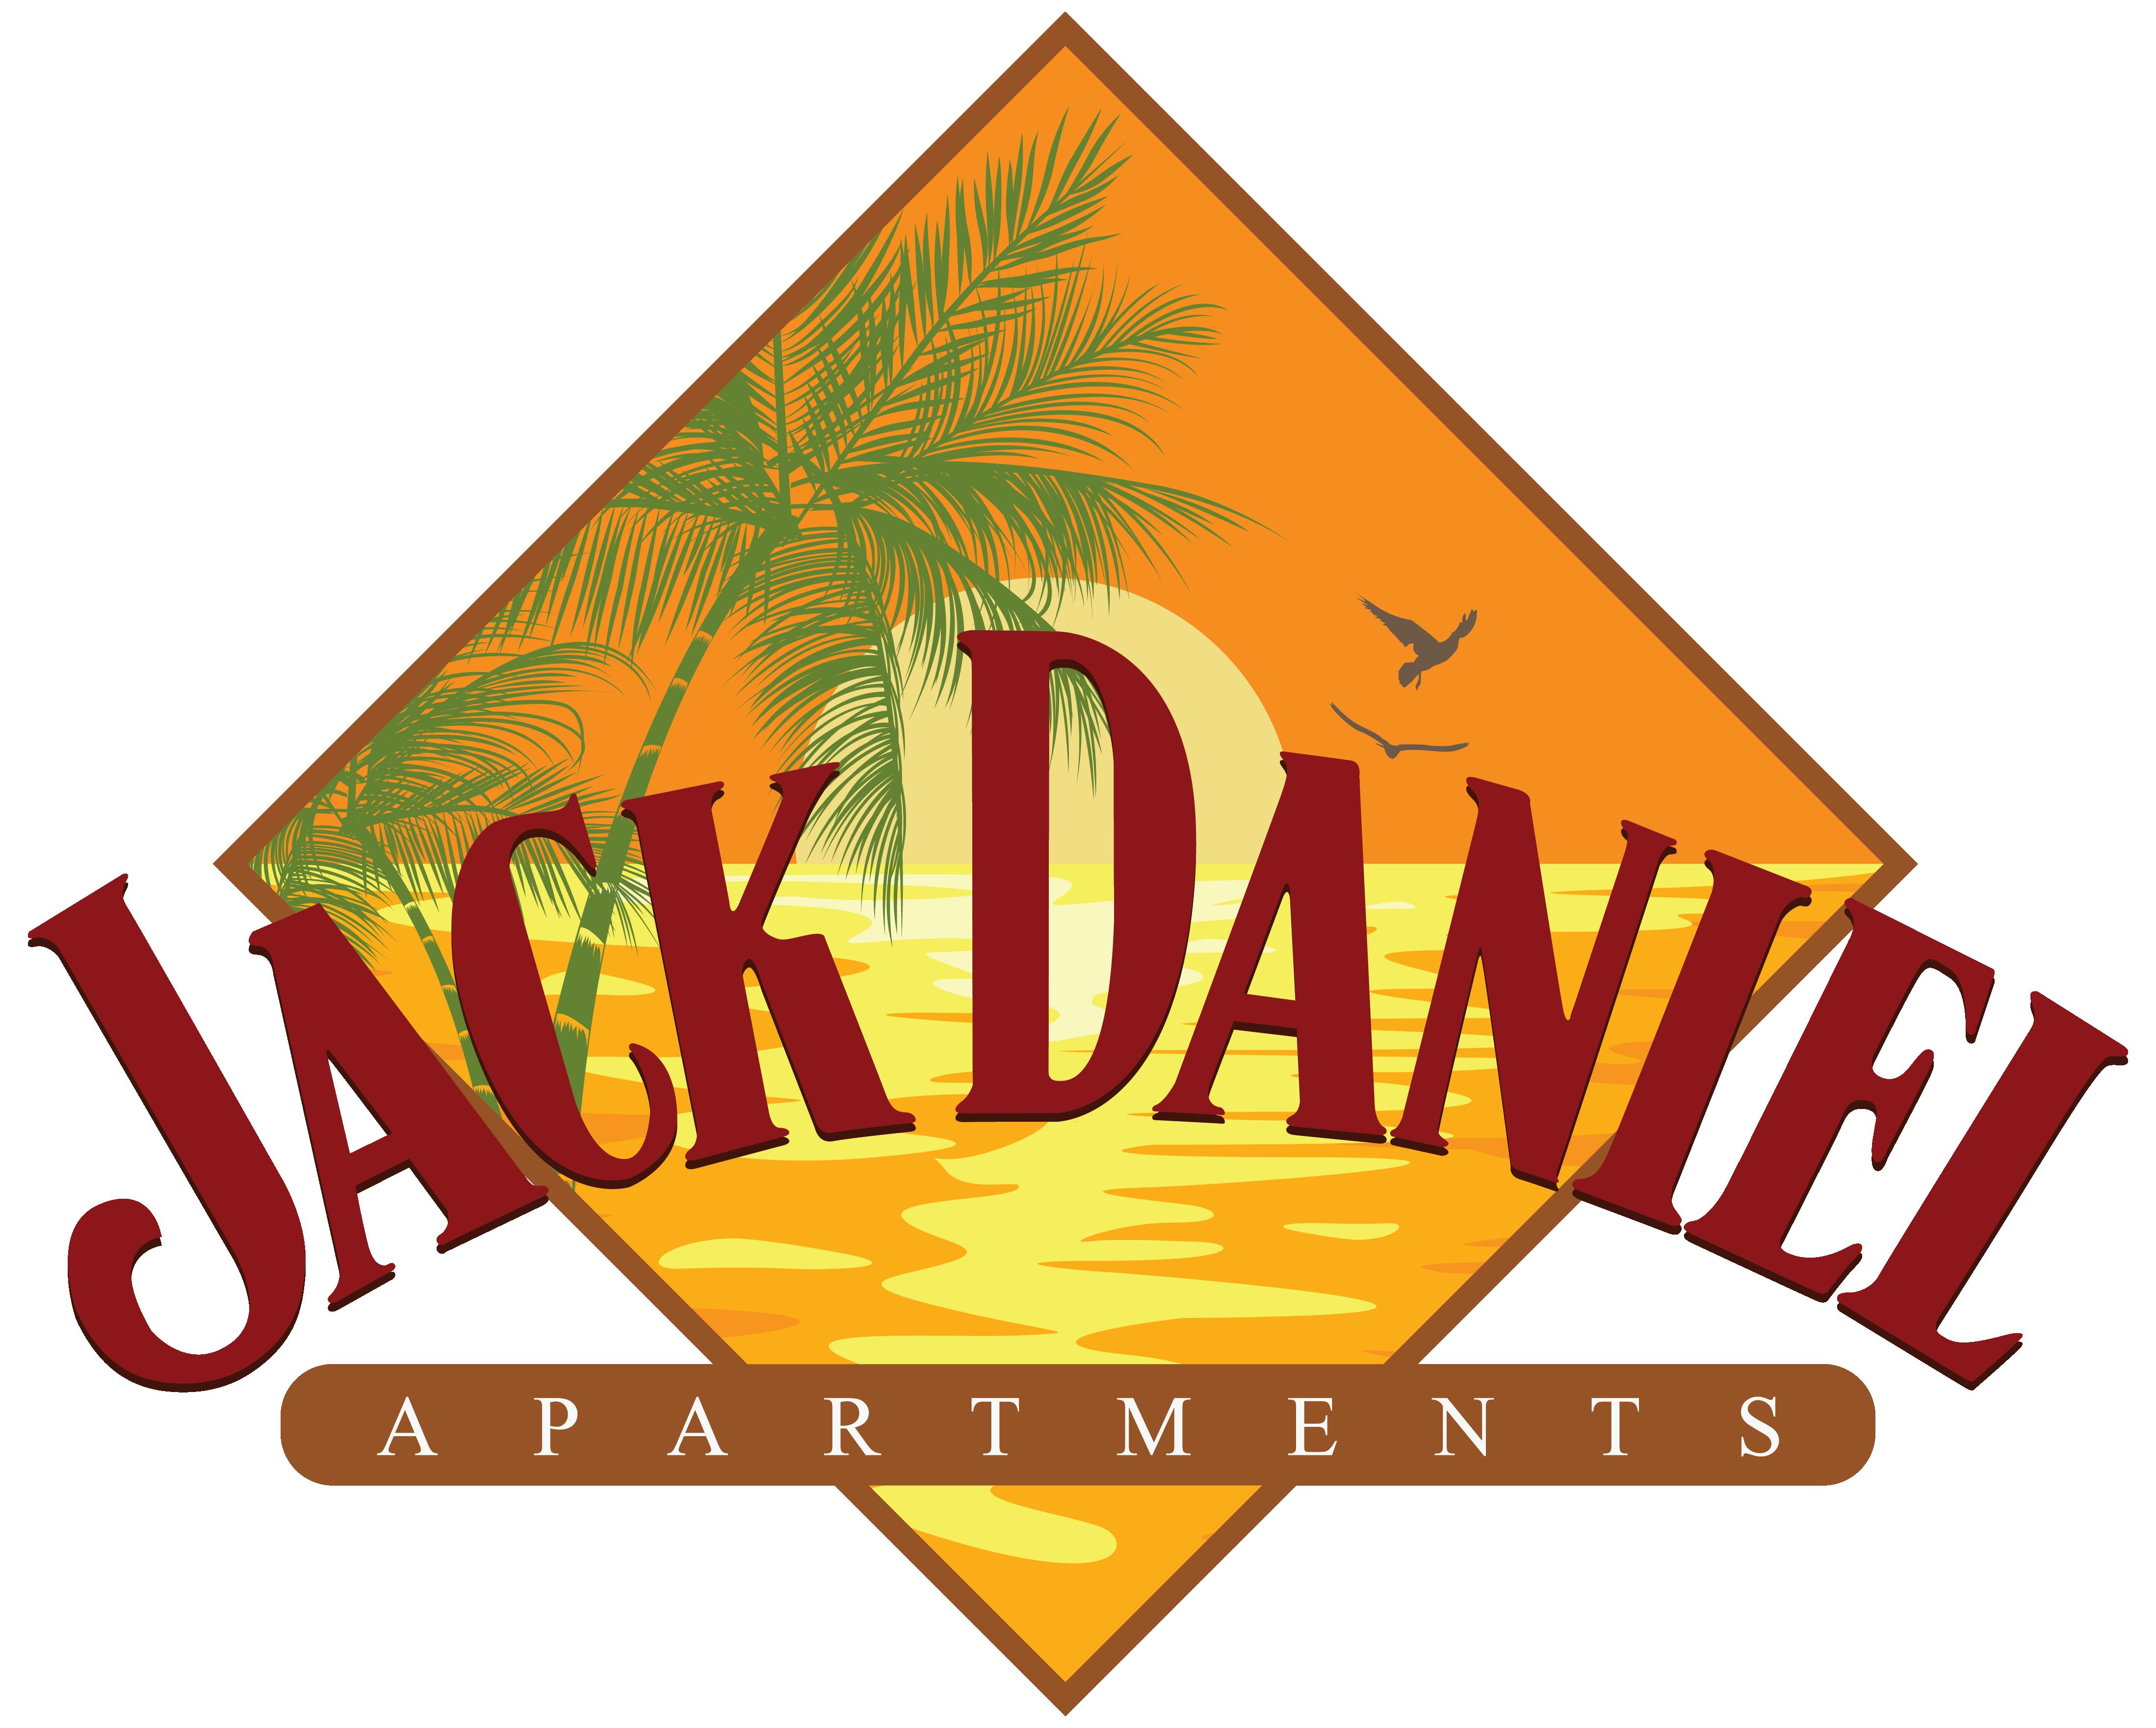 Jack Daniels Apartments Logo Png 1321 Free Transparent